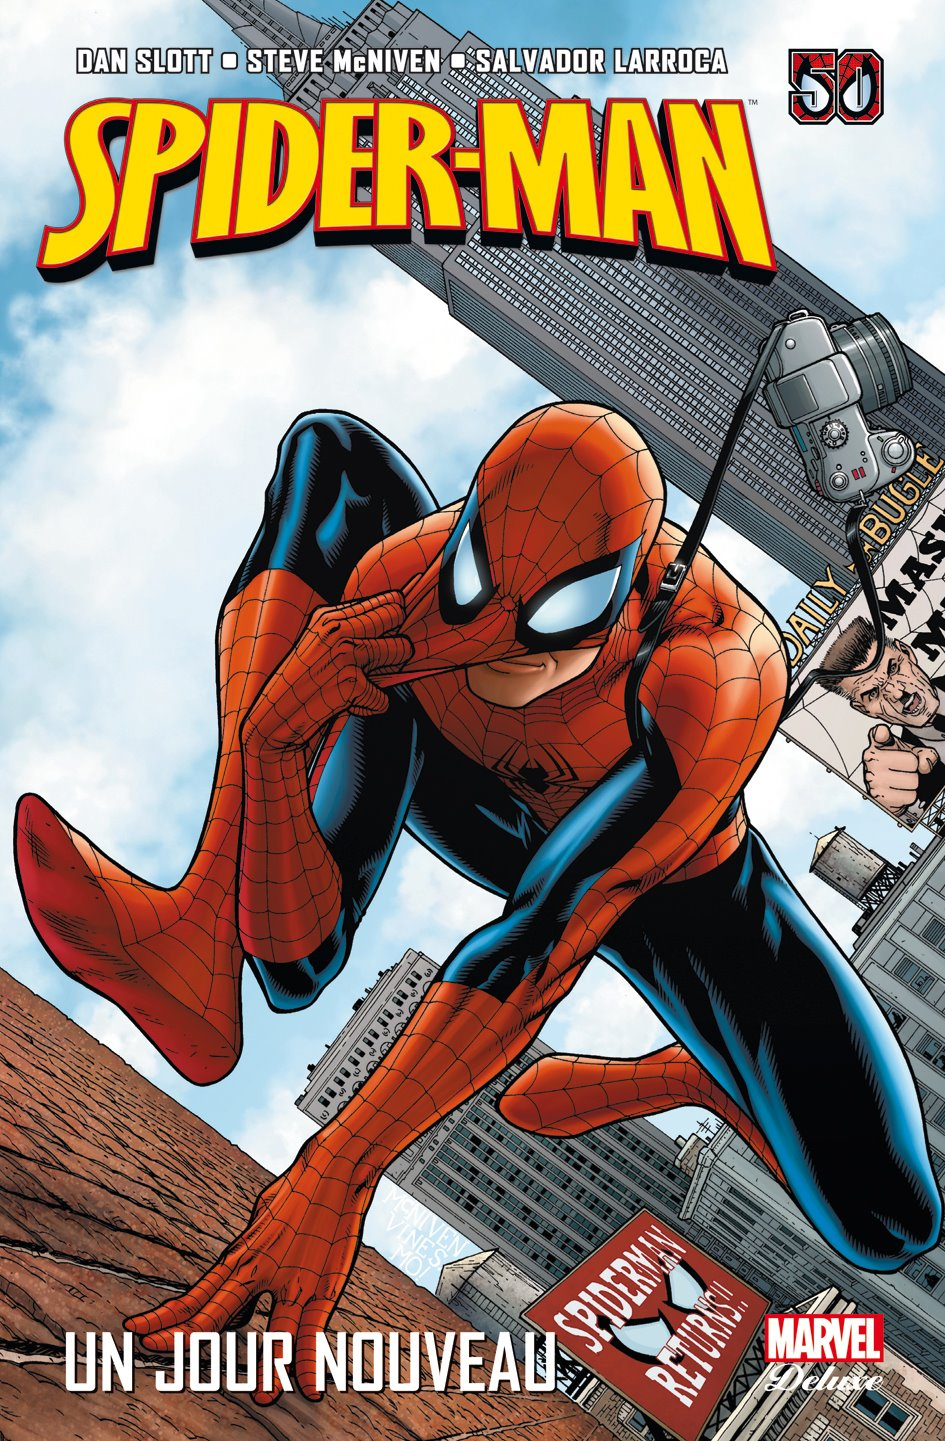 Spider-Man 1 - Un jour nouveau